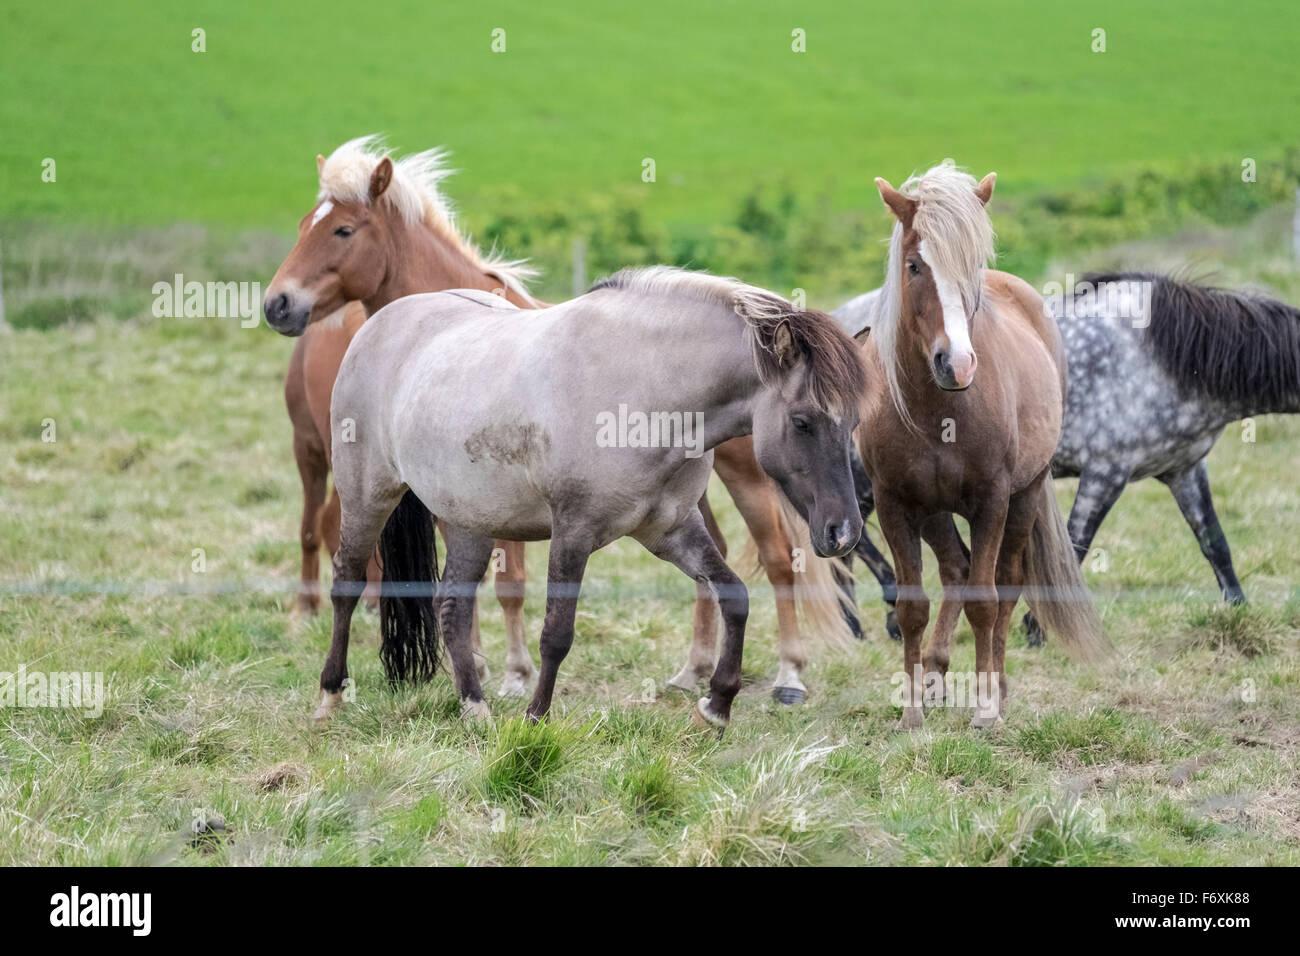 Horses in pastureland, Livestock, Iceland - Stock Image